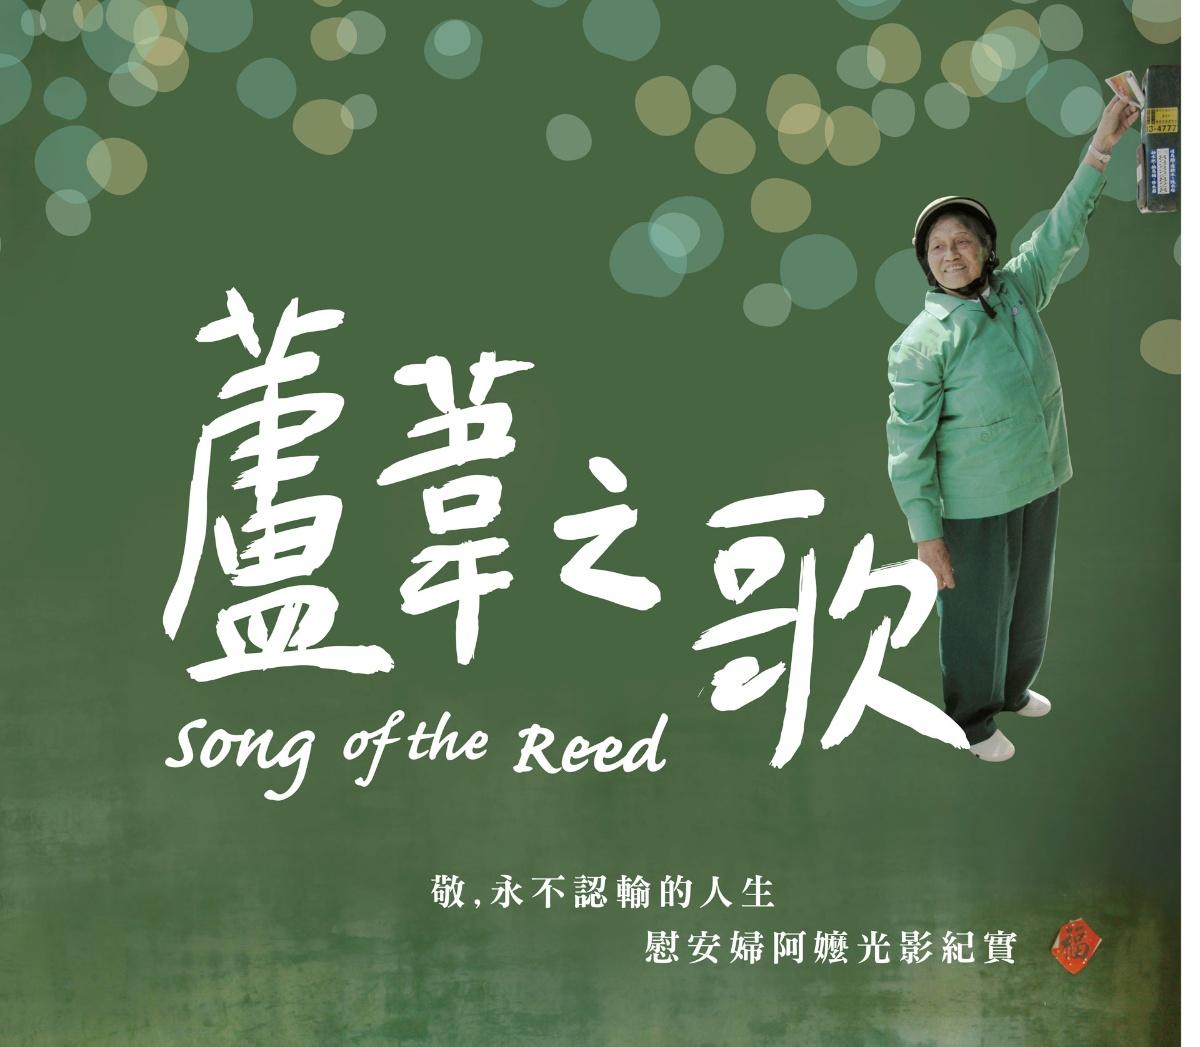 Linkki tapahtumaan Song of the Reed